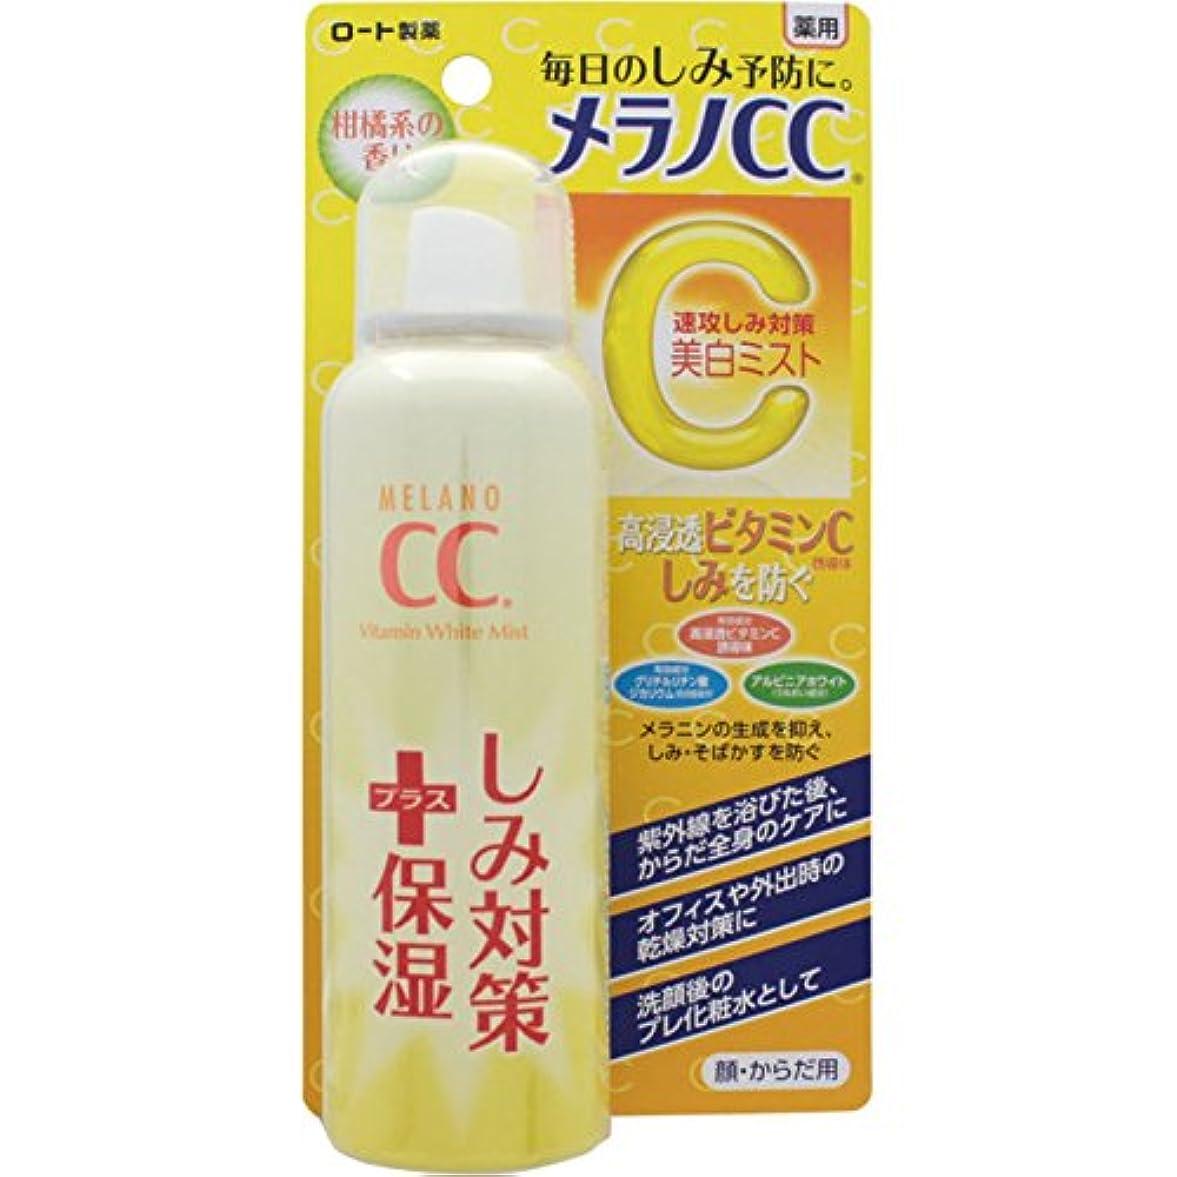 葉巻時代ピッチ【医薬部外品】メラノCC 薬用しみ対策 美白ミスト化粧水 100g